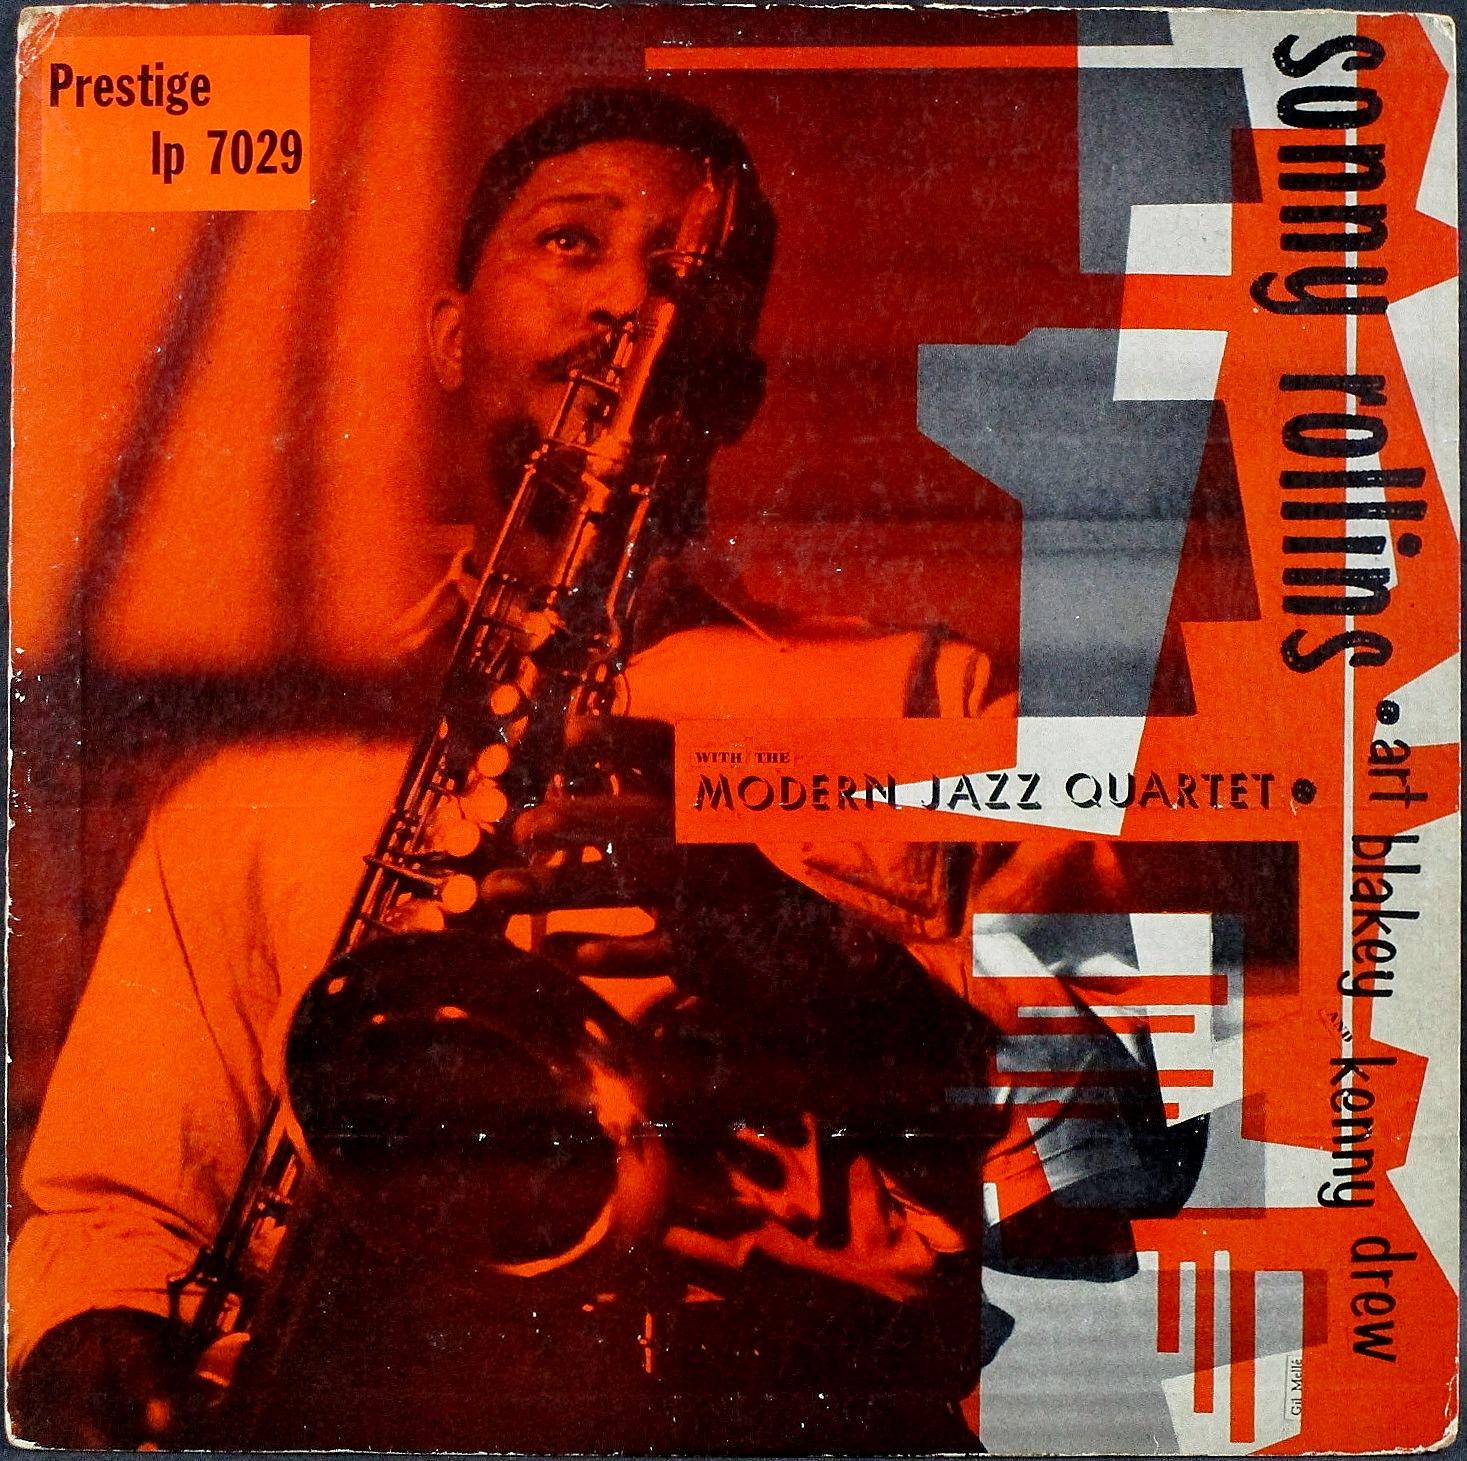 Sonny Rollins ソニー・ロリンズ / Sonny Rollins With The Modern Jazz Quartet